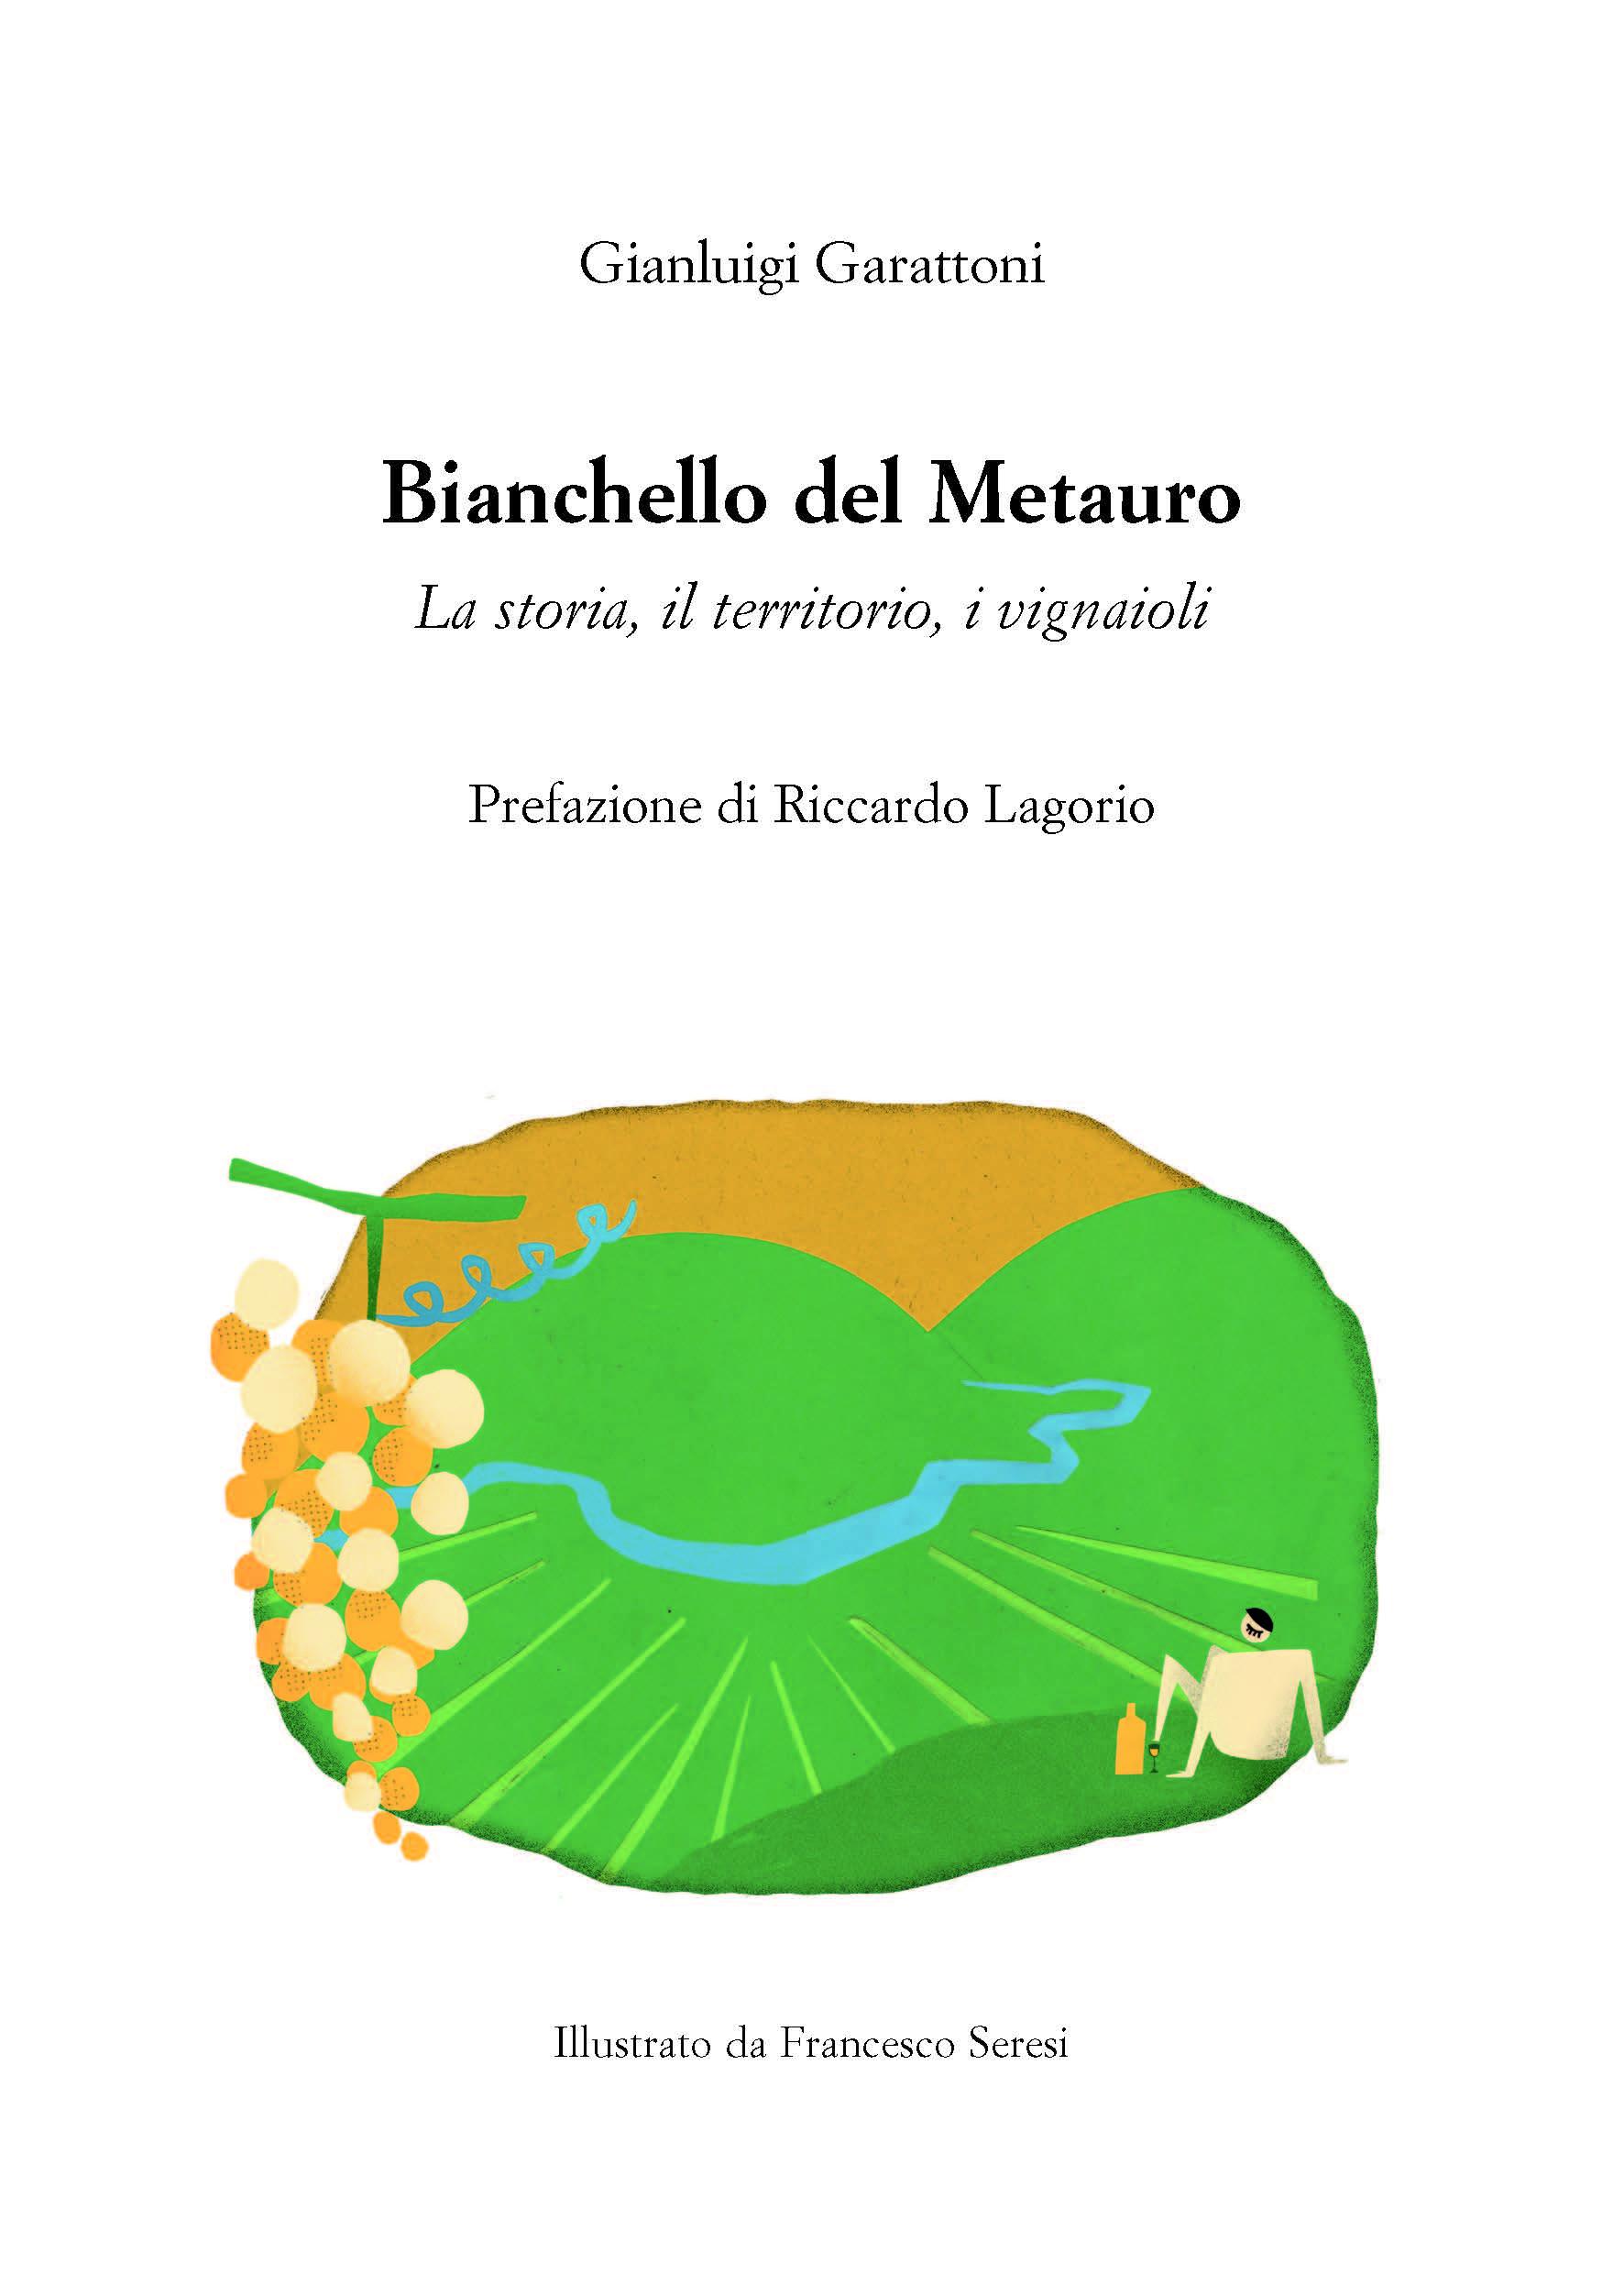 Il Libro Bianchello del Metauro di Gianluigi Garattoni